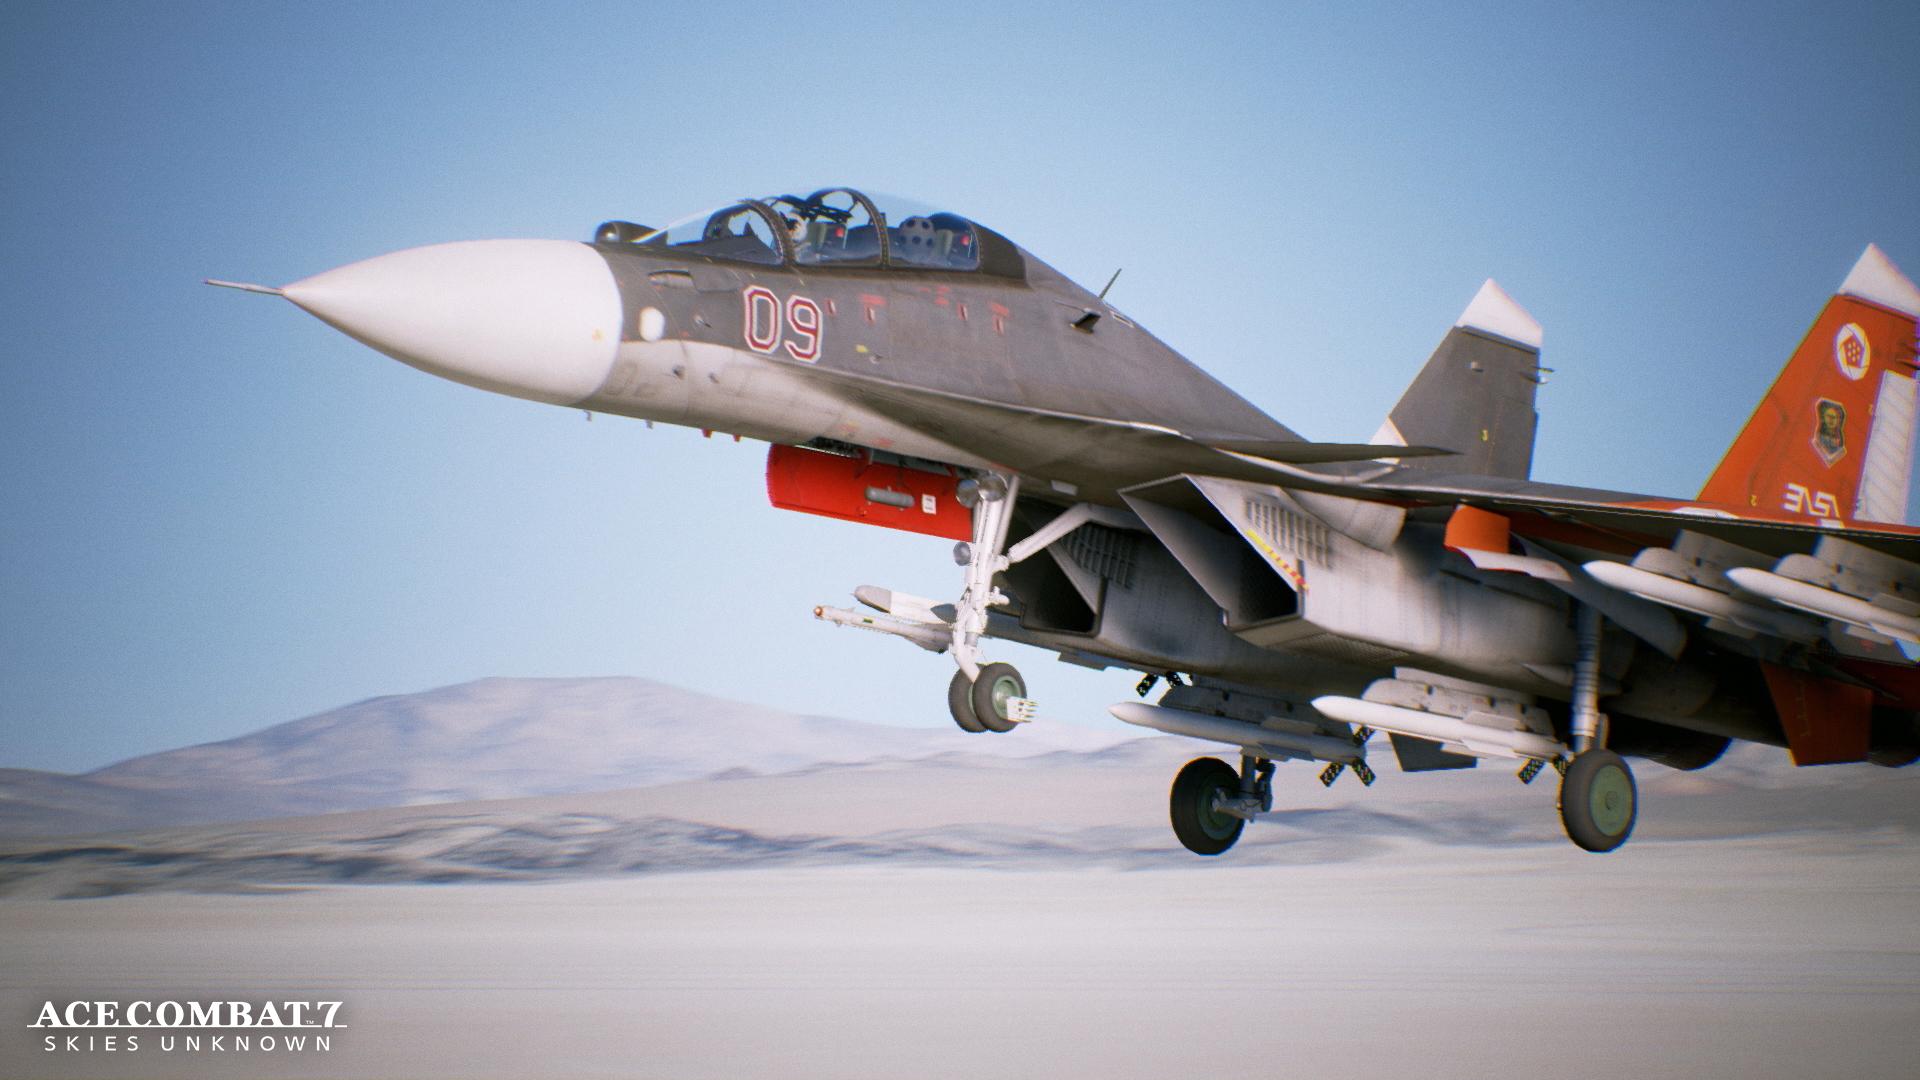 Dos espectaculares videos de Ace Combat 7: Skies Unknown nos muestran el gameplay de las misiones 6 y 7